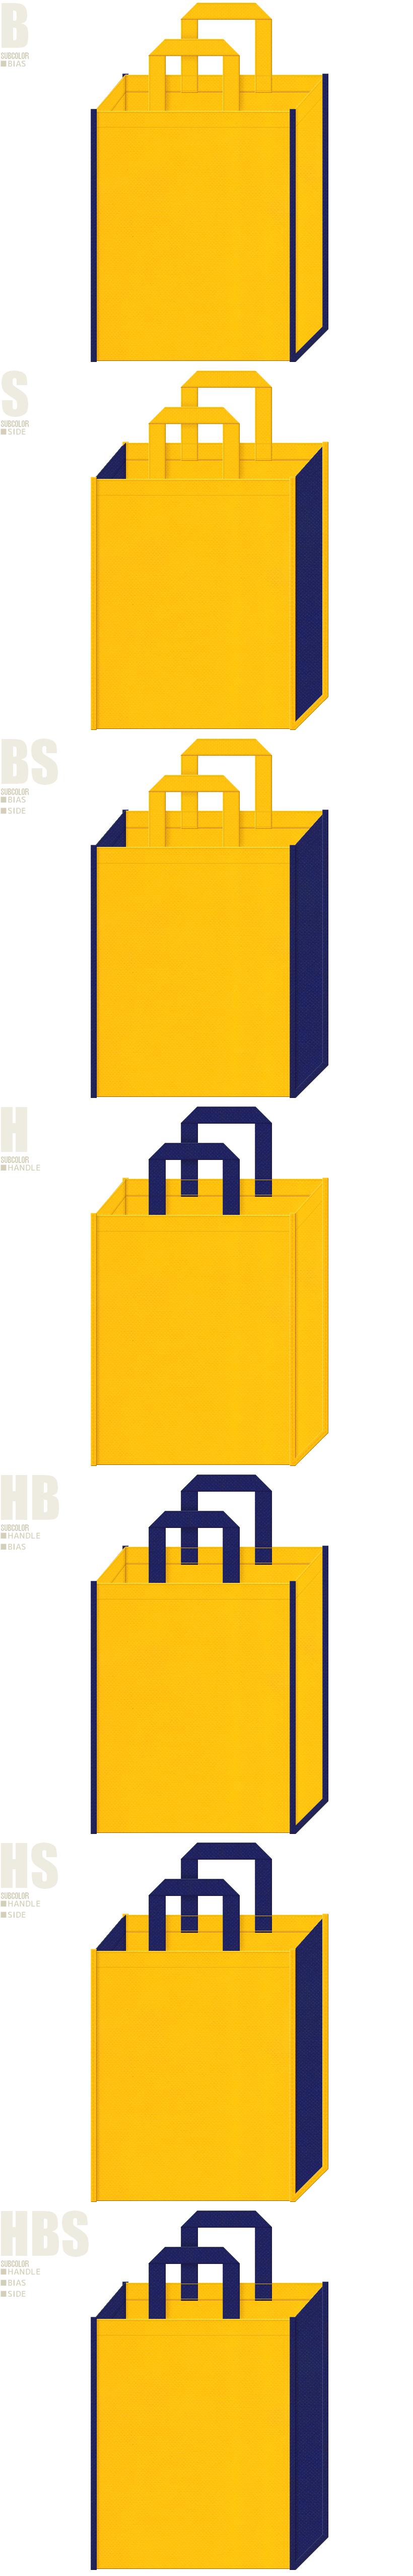 電気・通信・アウトドア・キャンプ用品・ブラジル・サッカー・レッスンバッグ・キッズイベントにお奨めの不織布バッグデザイン:黄色と明るい紺色の不織布バッグ配色7パターン